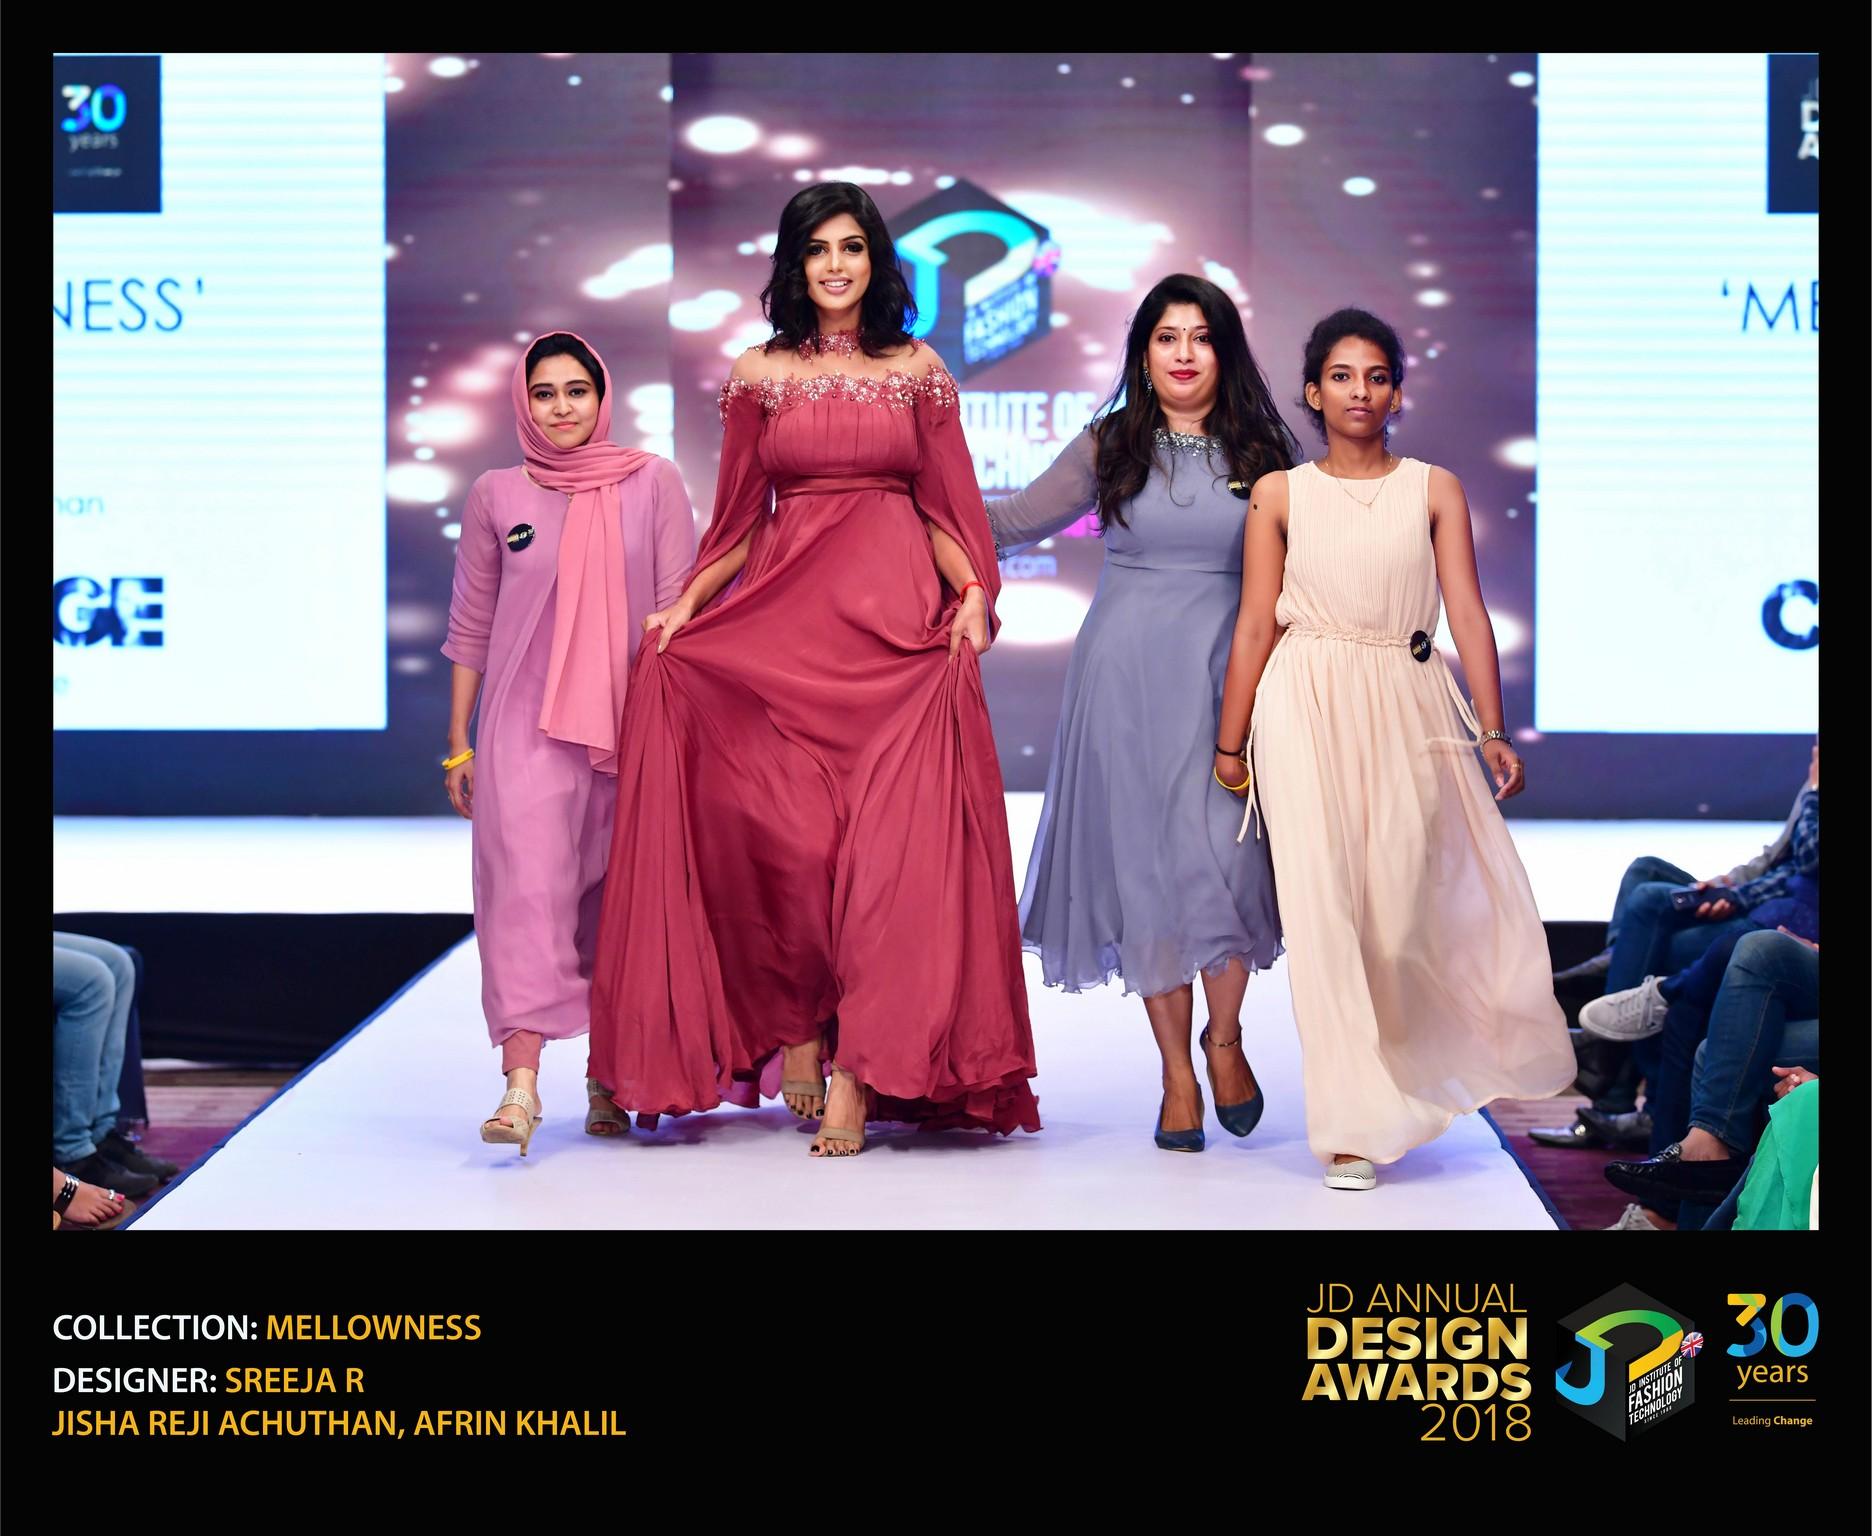 mellowness - Mellowness Final - Mellowness – Change – JD Annual Design Awards